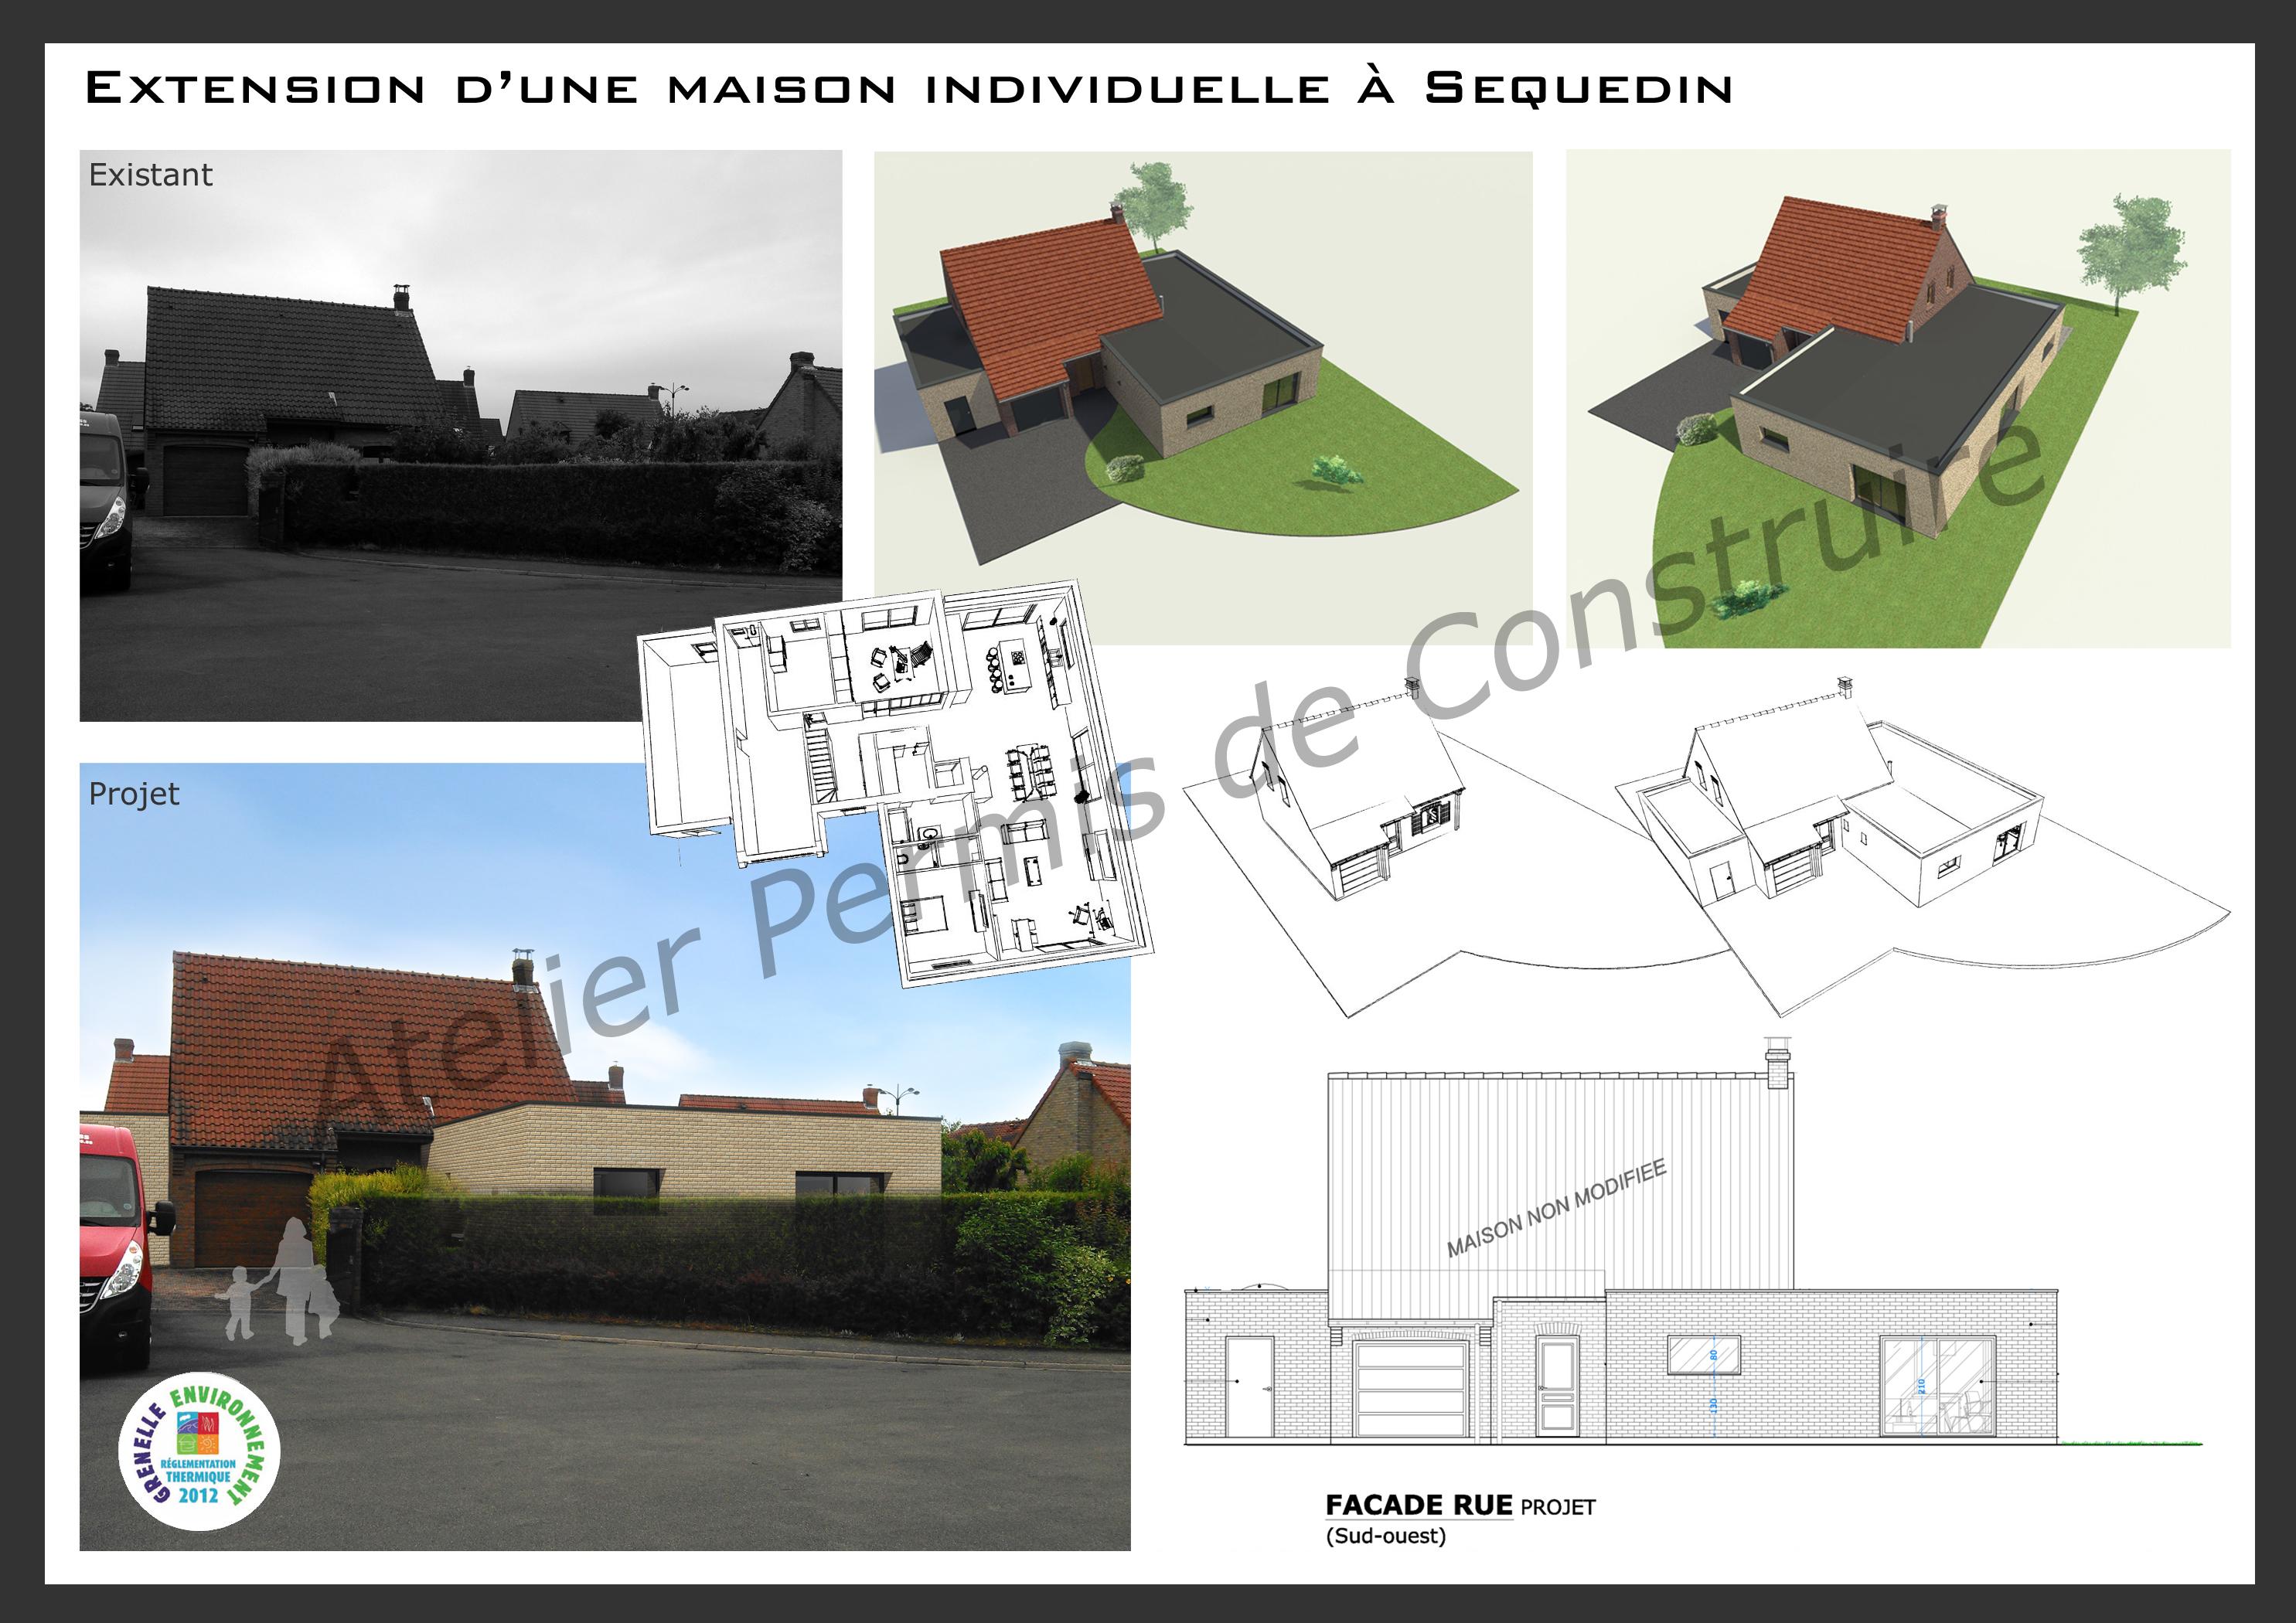 15.20 Atelier Permis de construire extension nord Sequedin